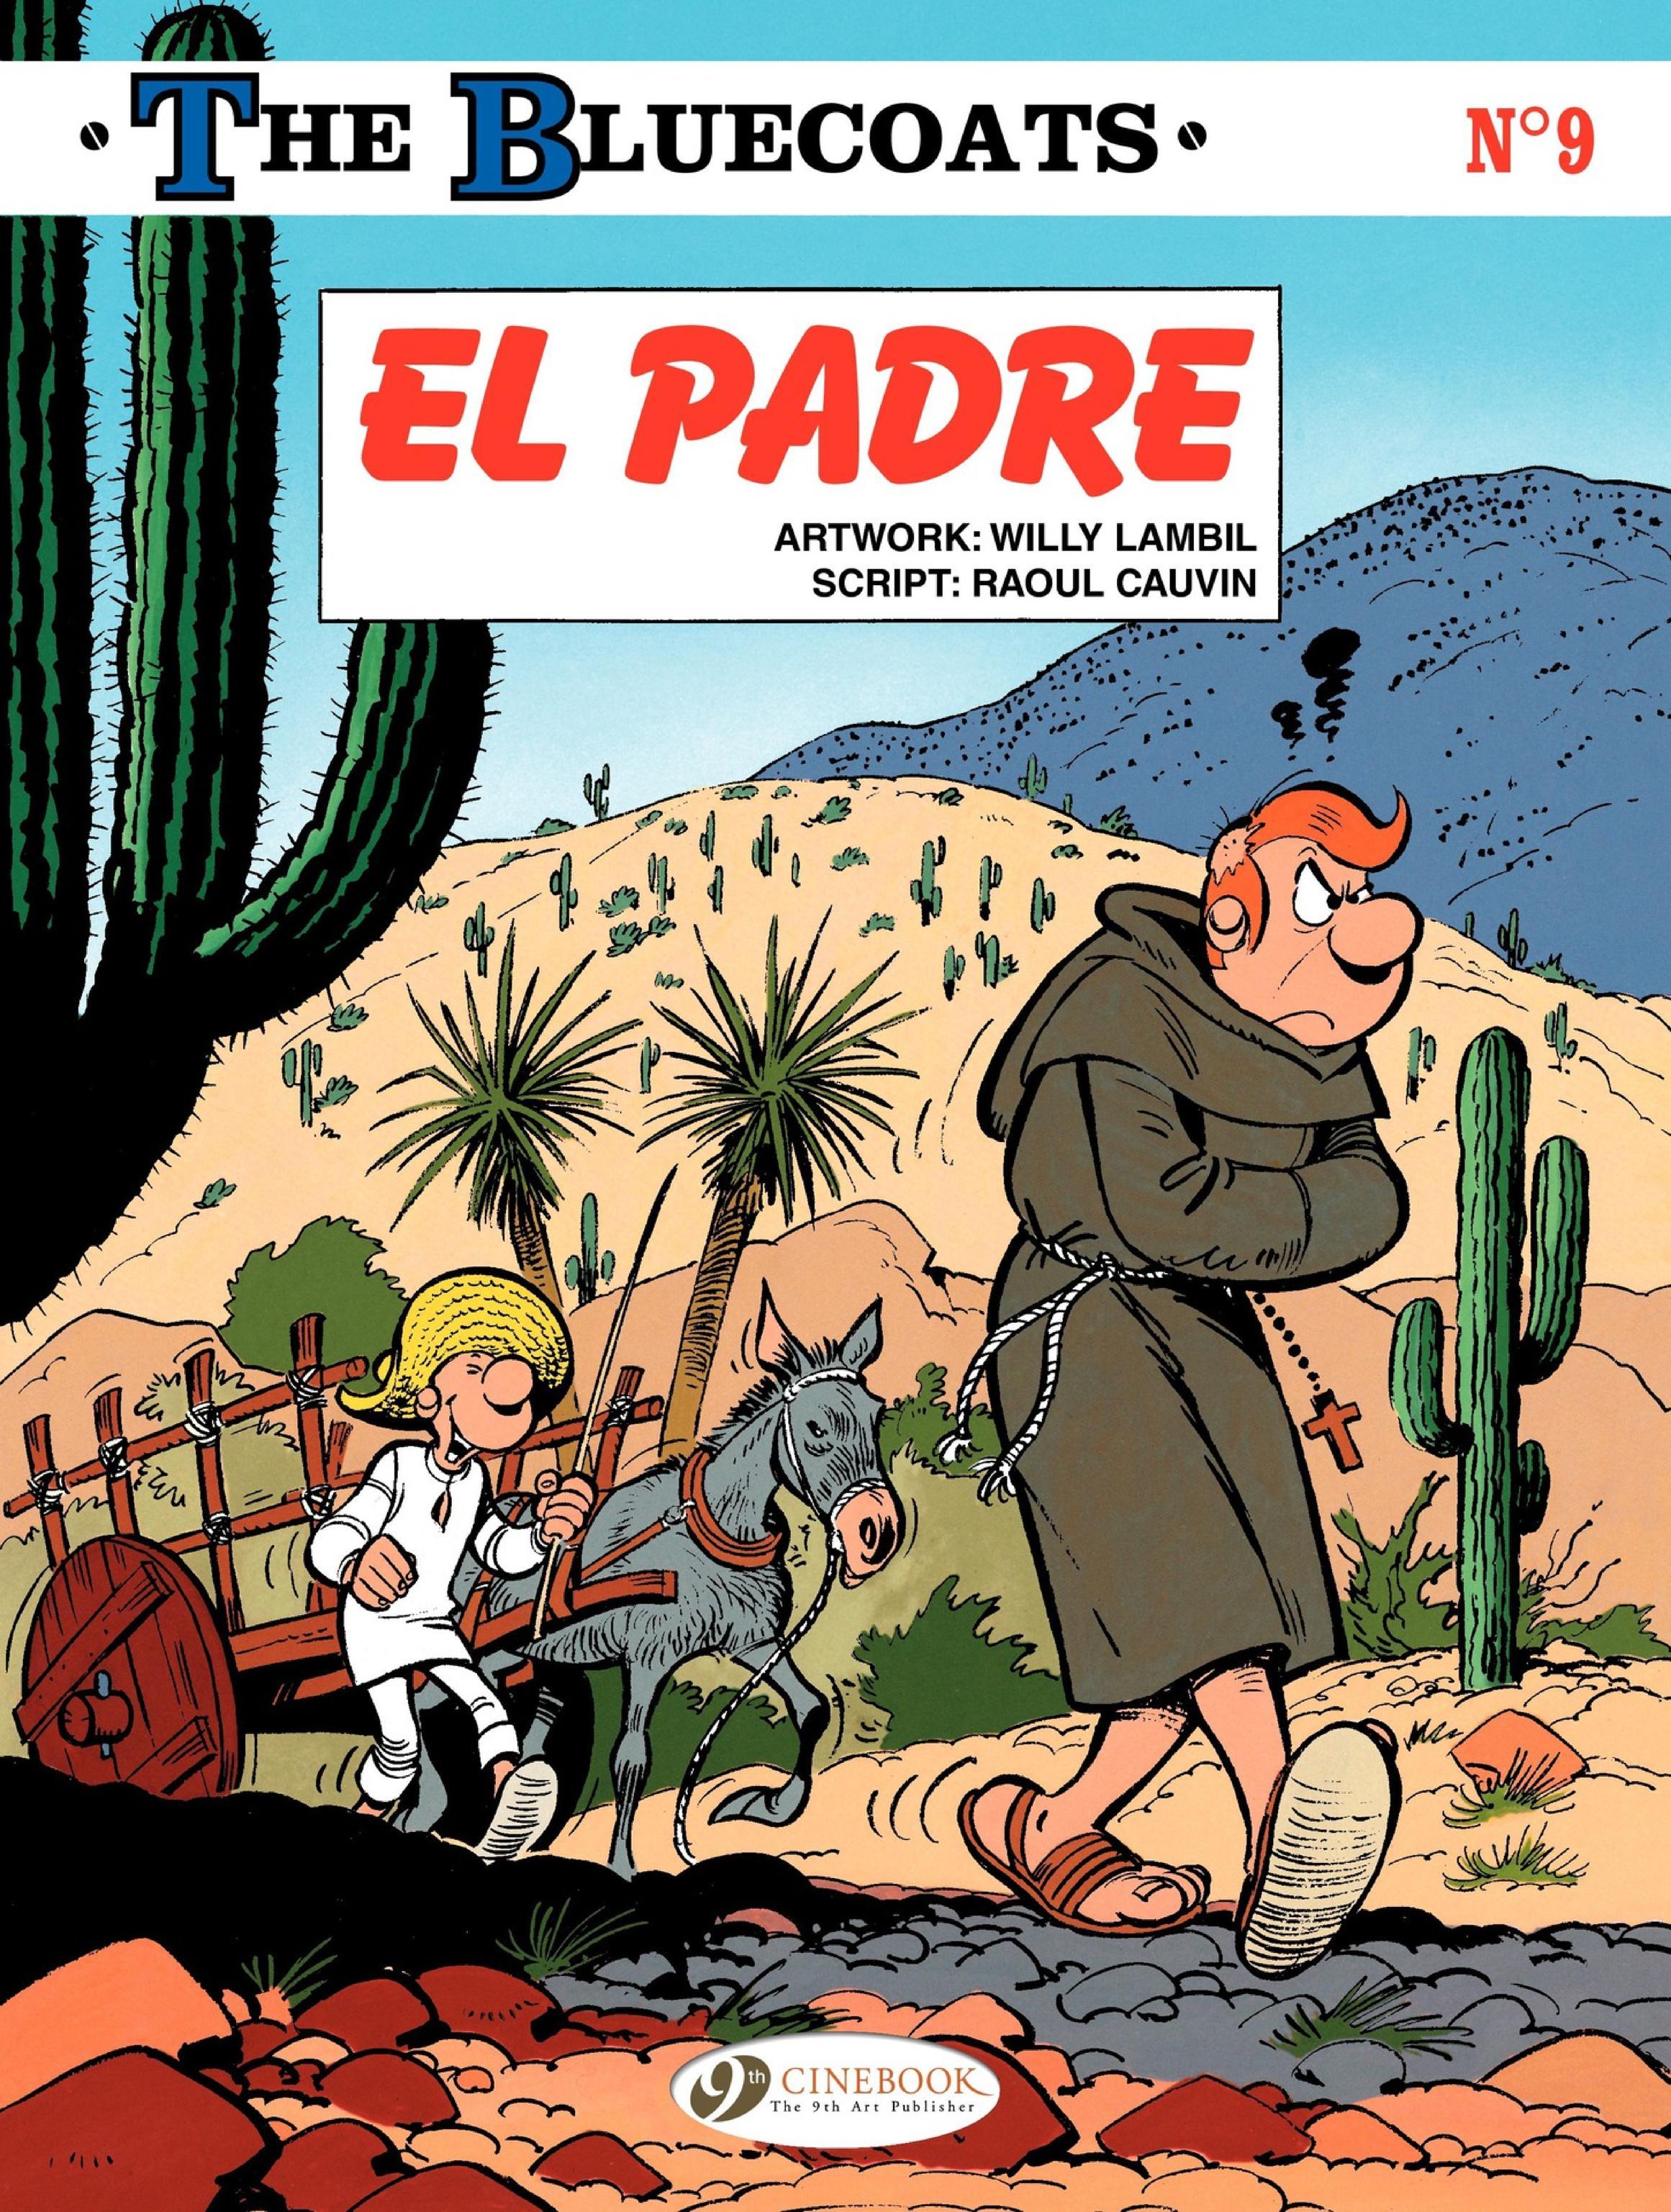 Cinebook - The Bluecoats Vol 09 El Padre 2016 Hybrid Comic eBook